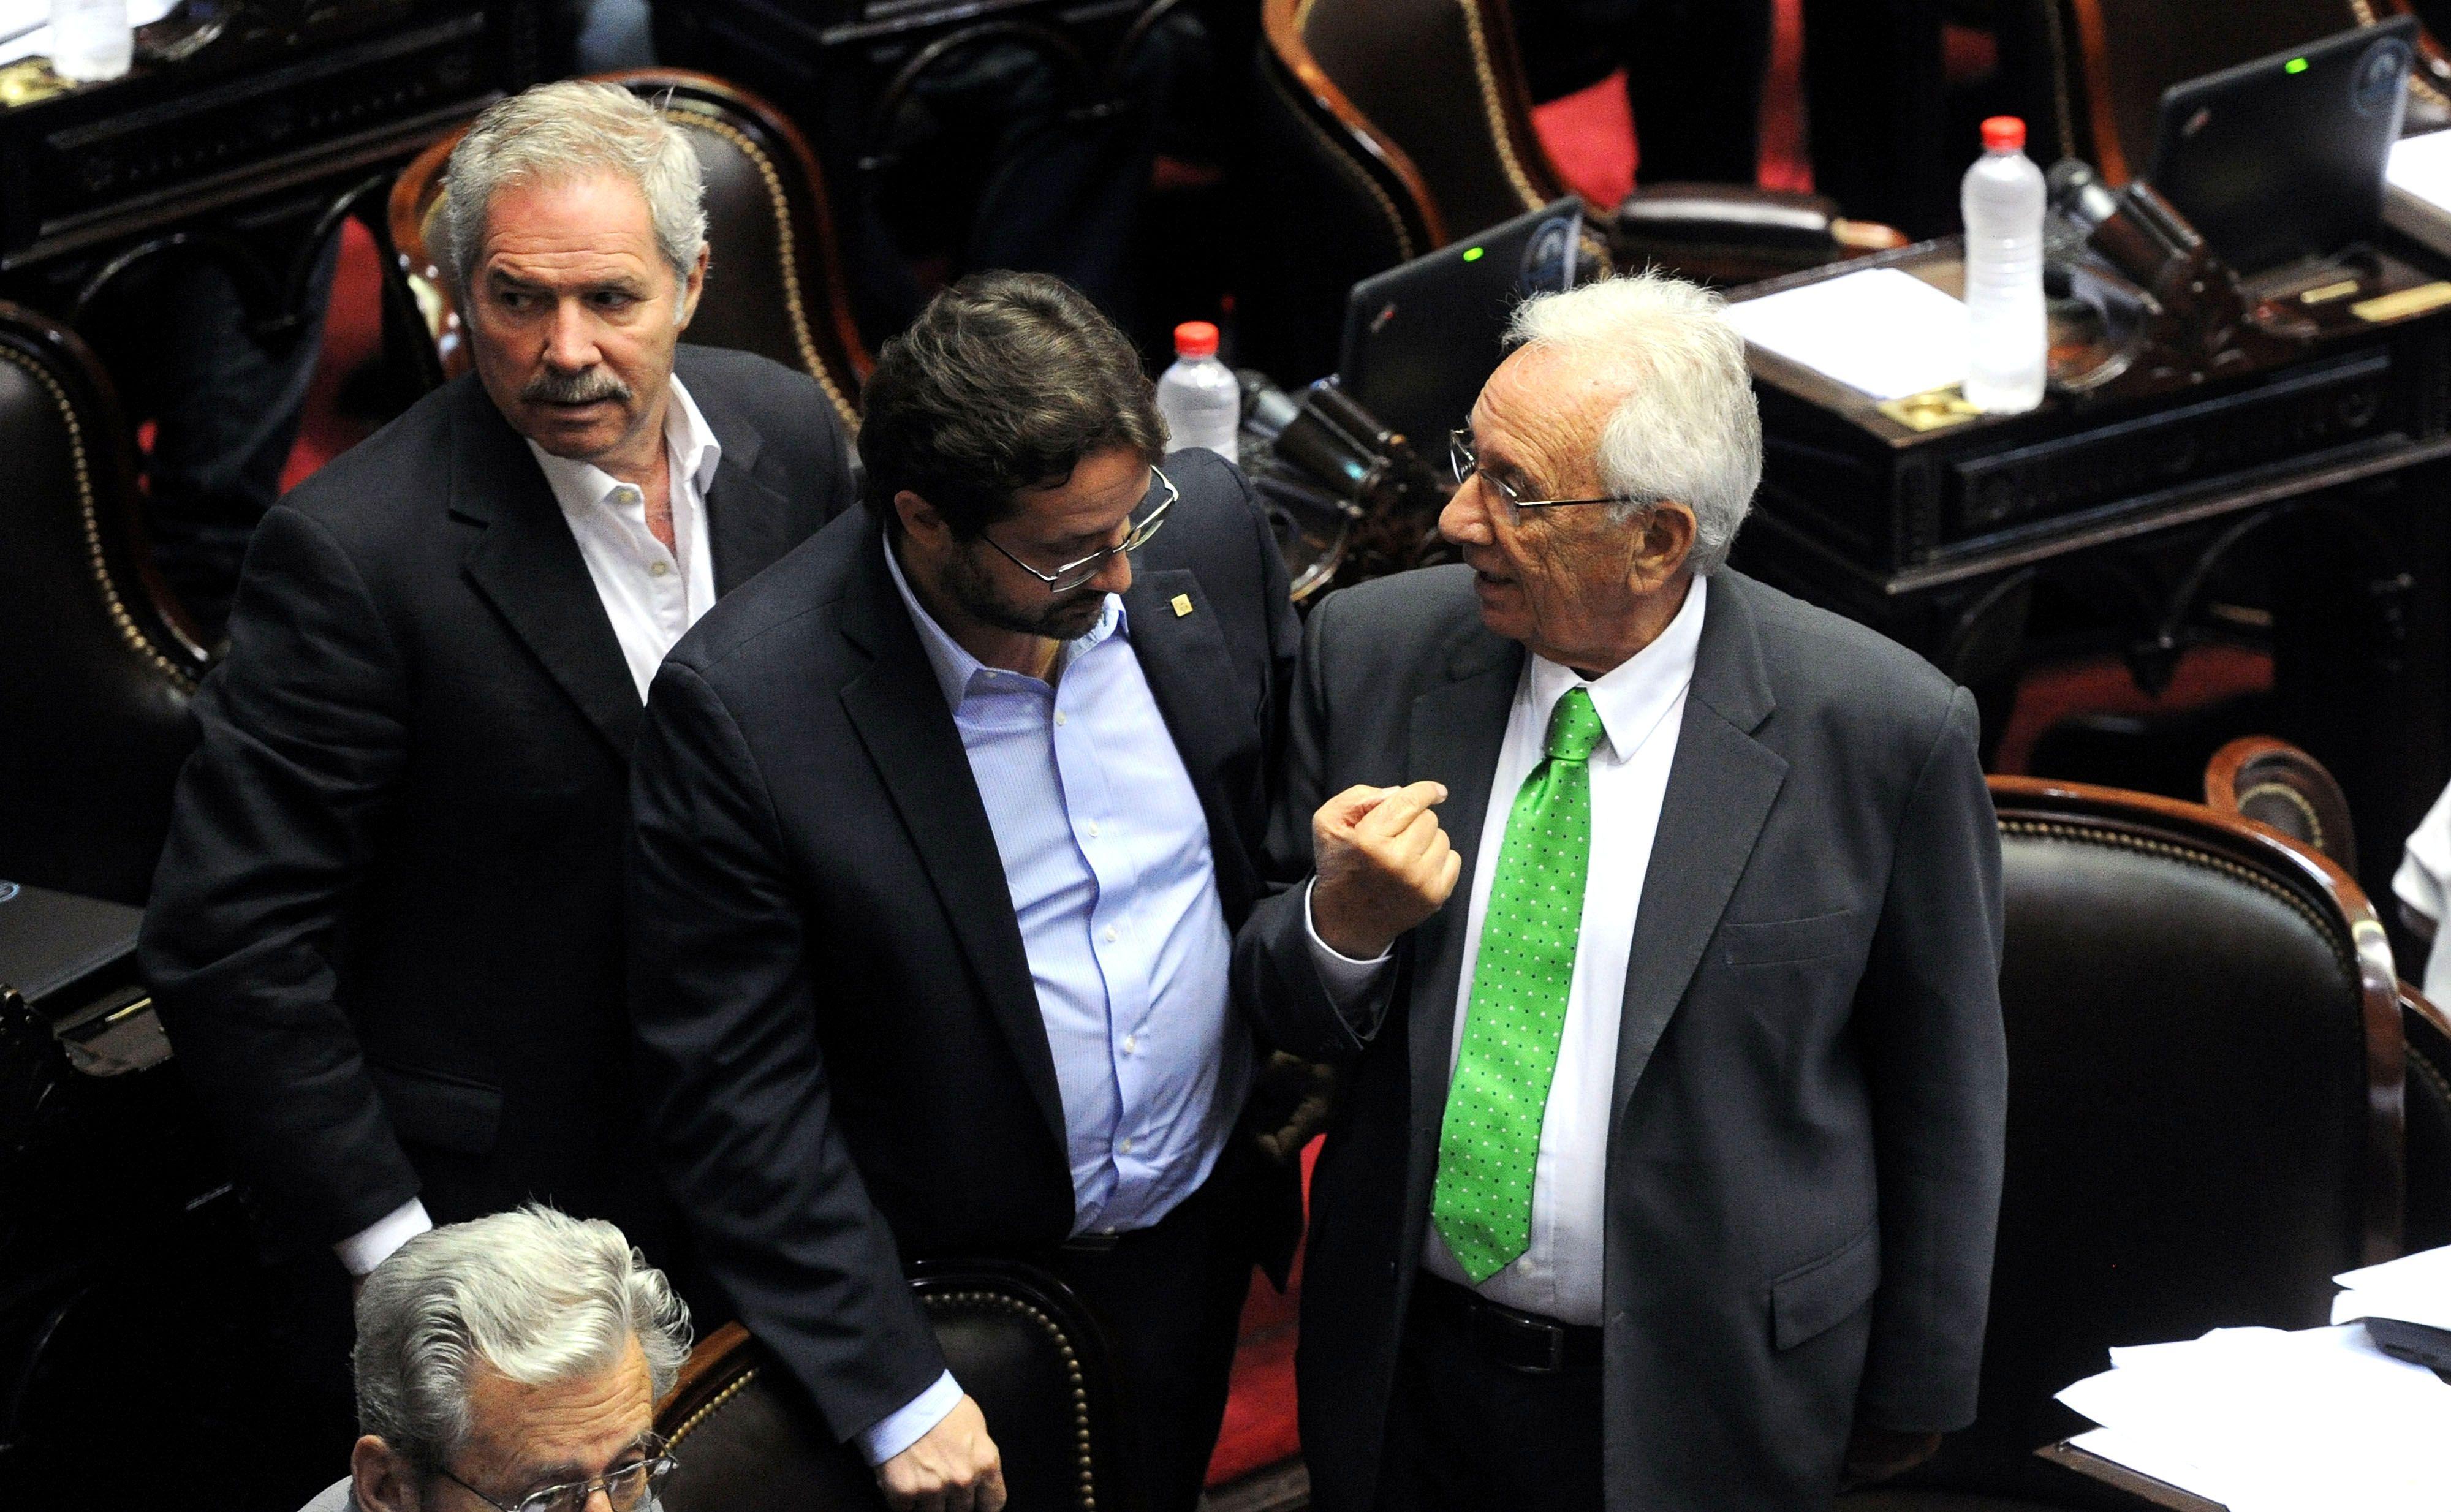 Los diputados Hector Recalde